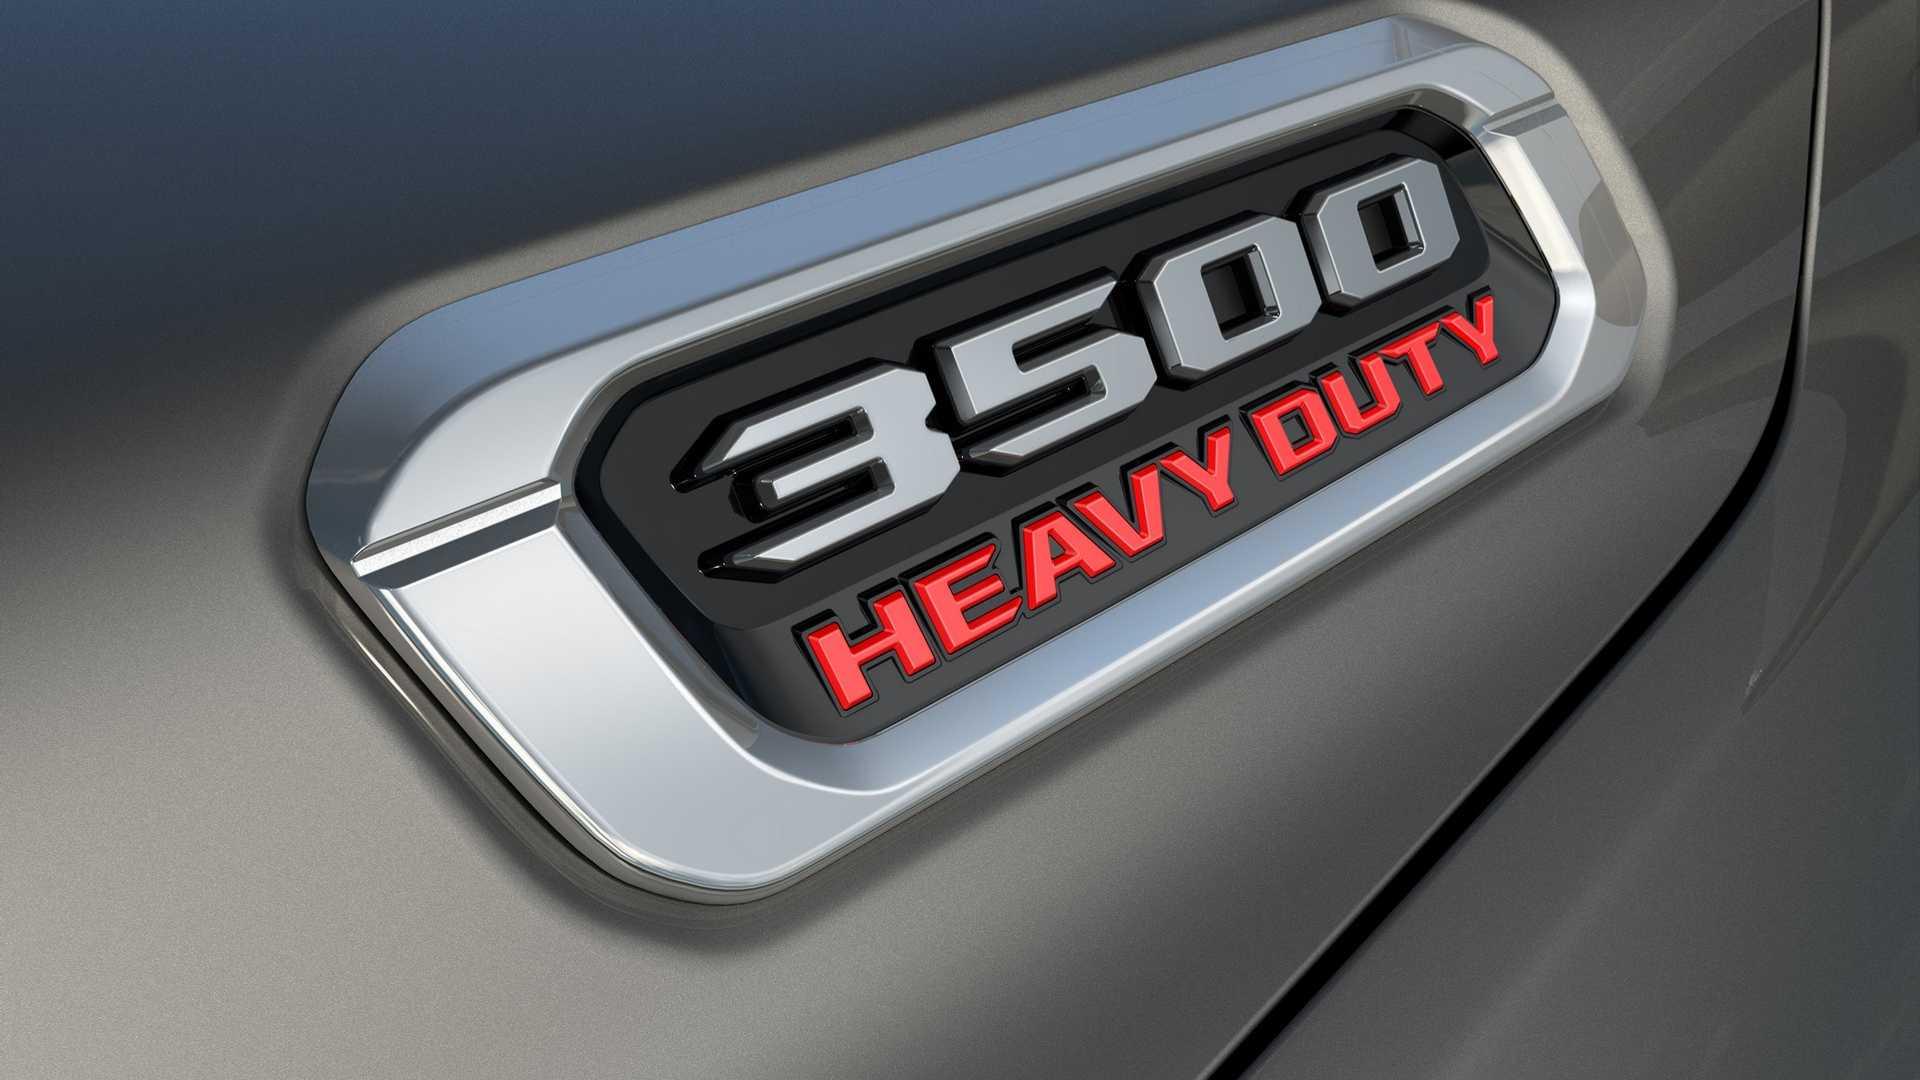 2019-ram-heavy-duty-exterior (17)